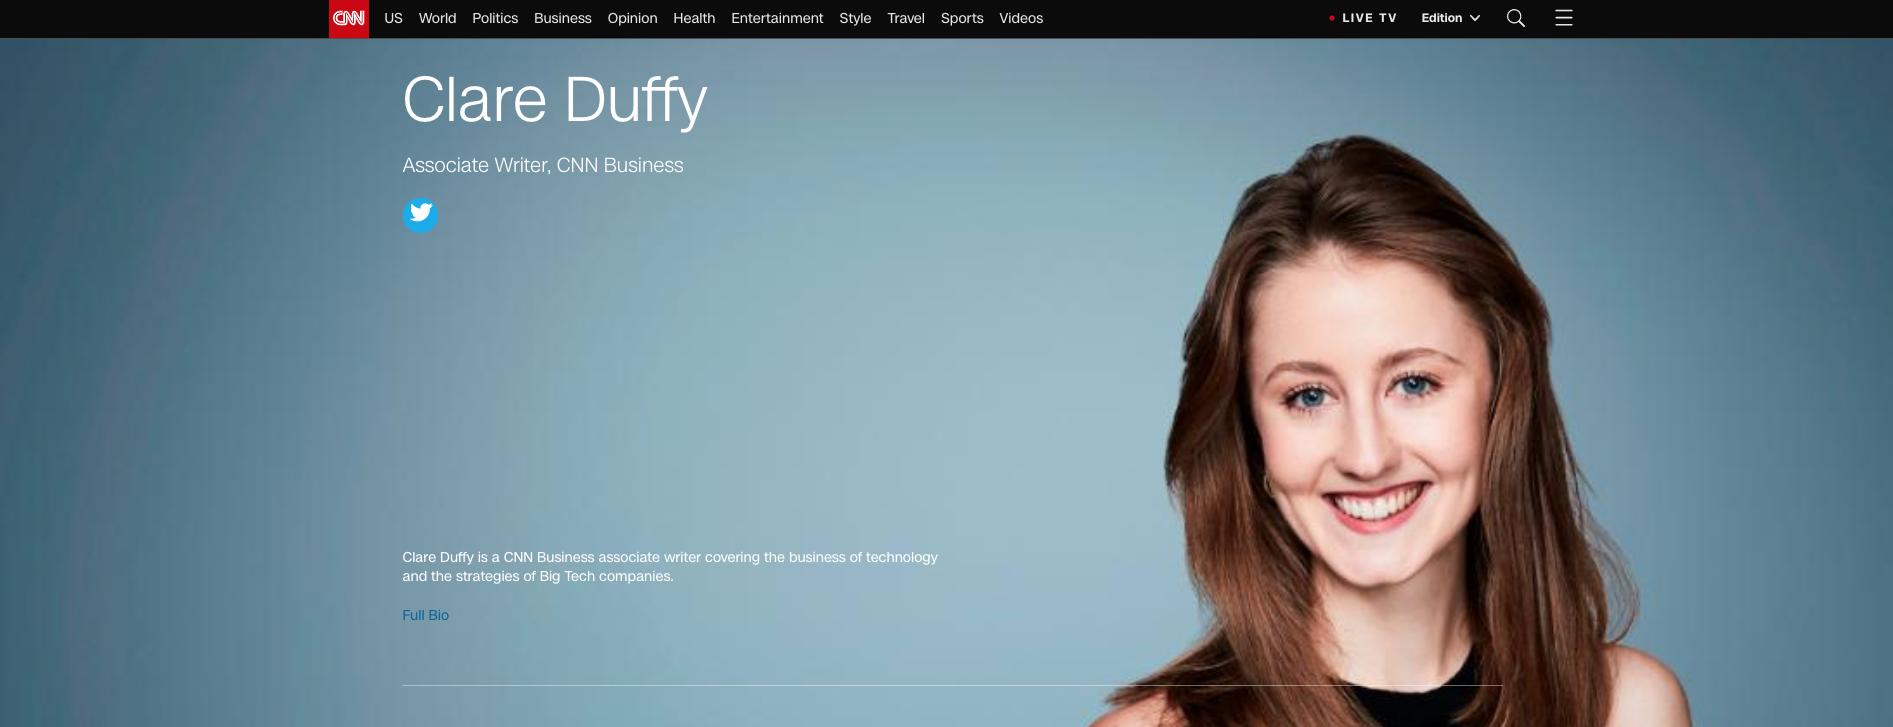 Clare Duffy CNN profile page